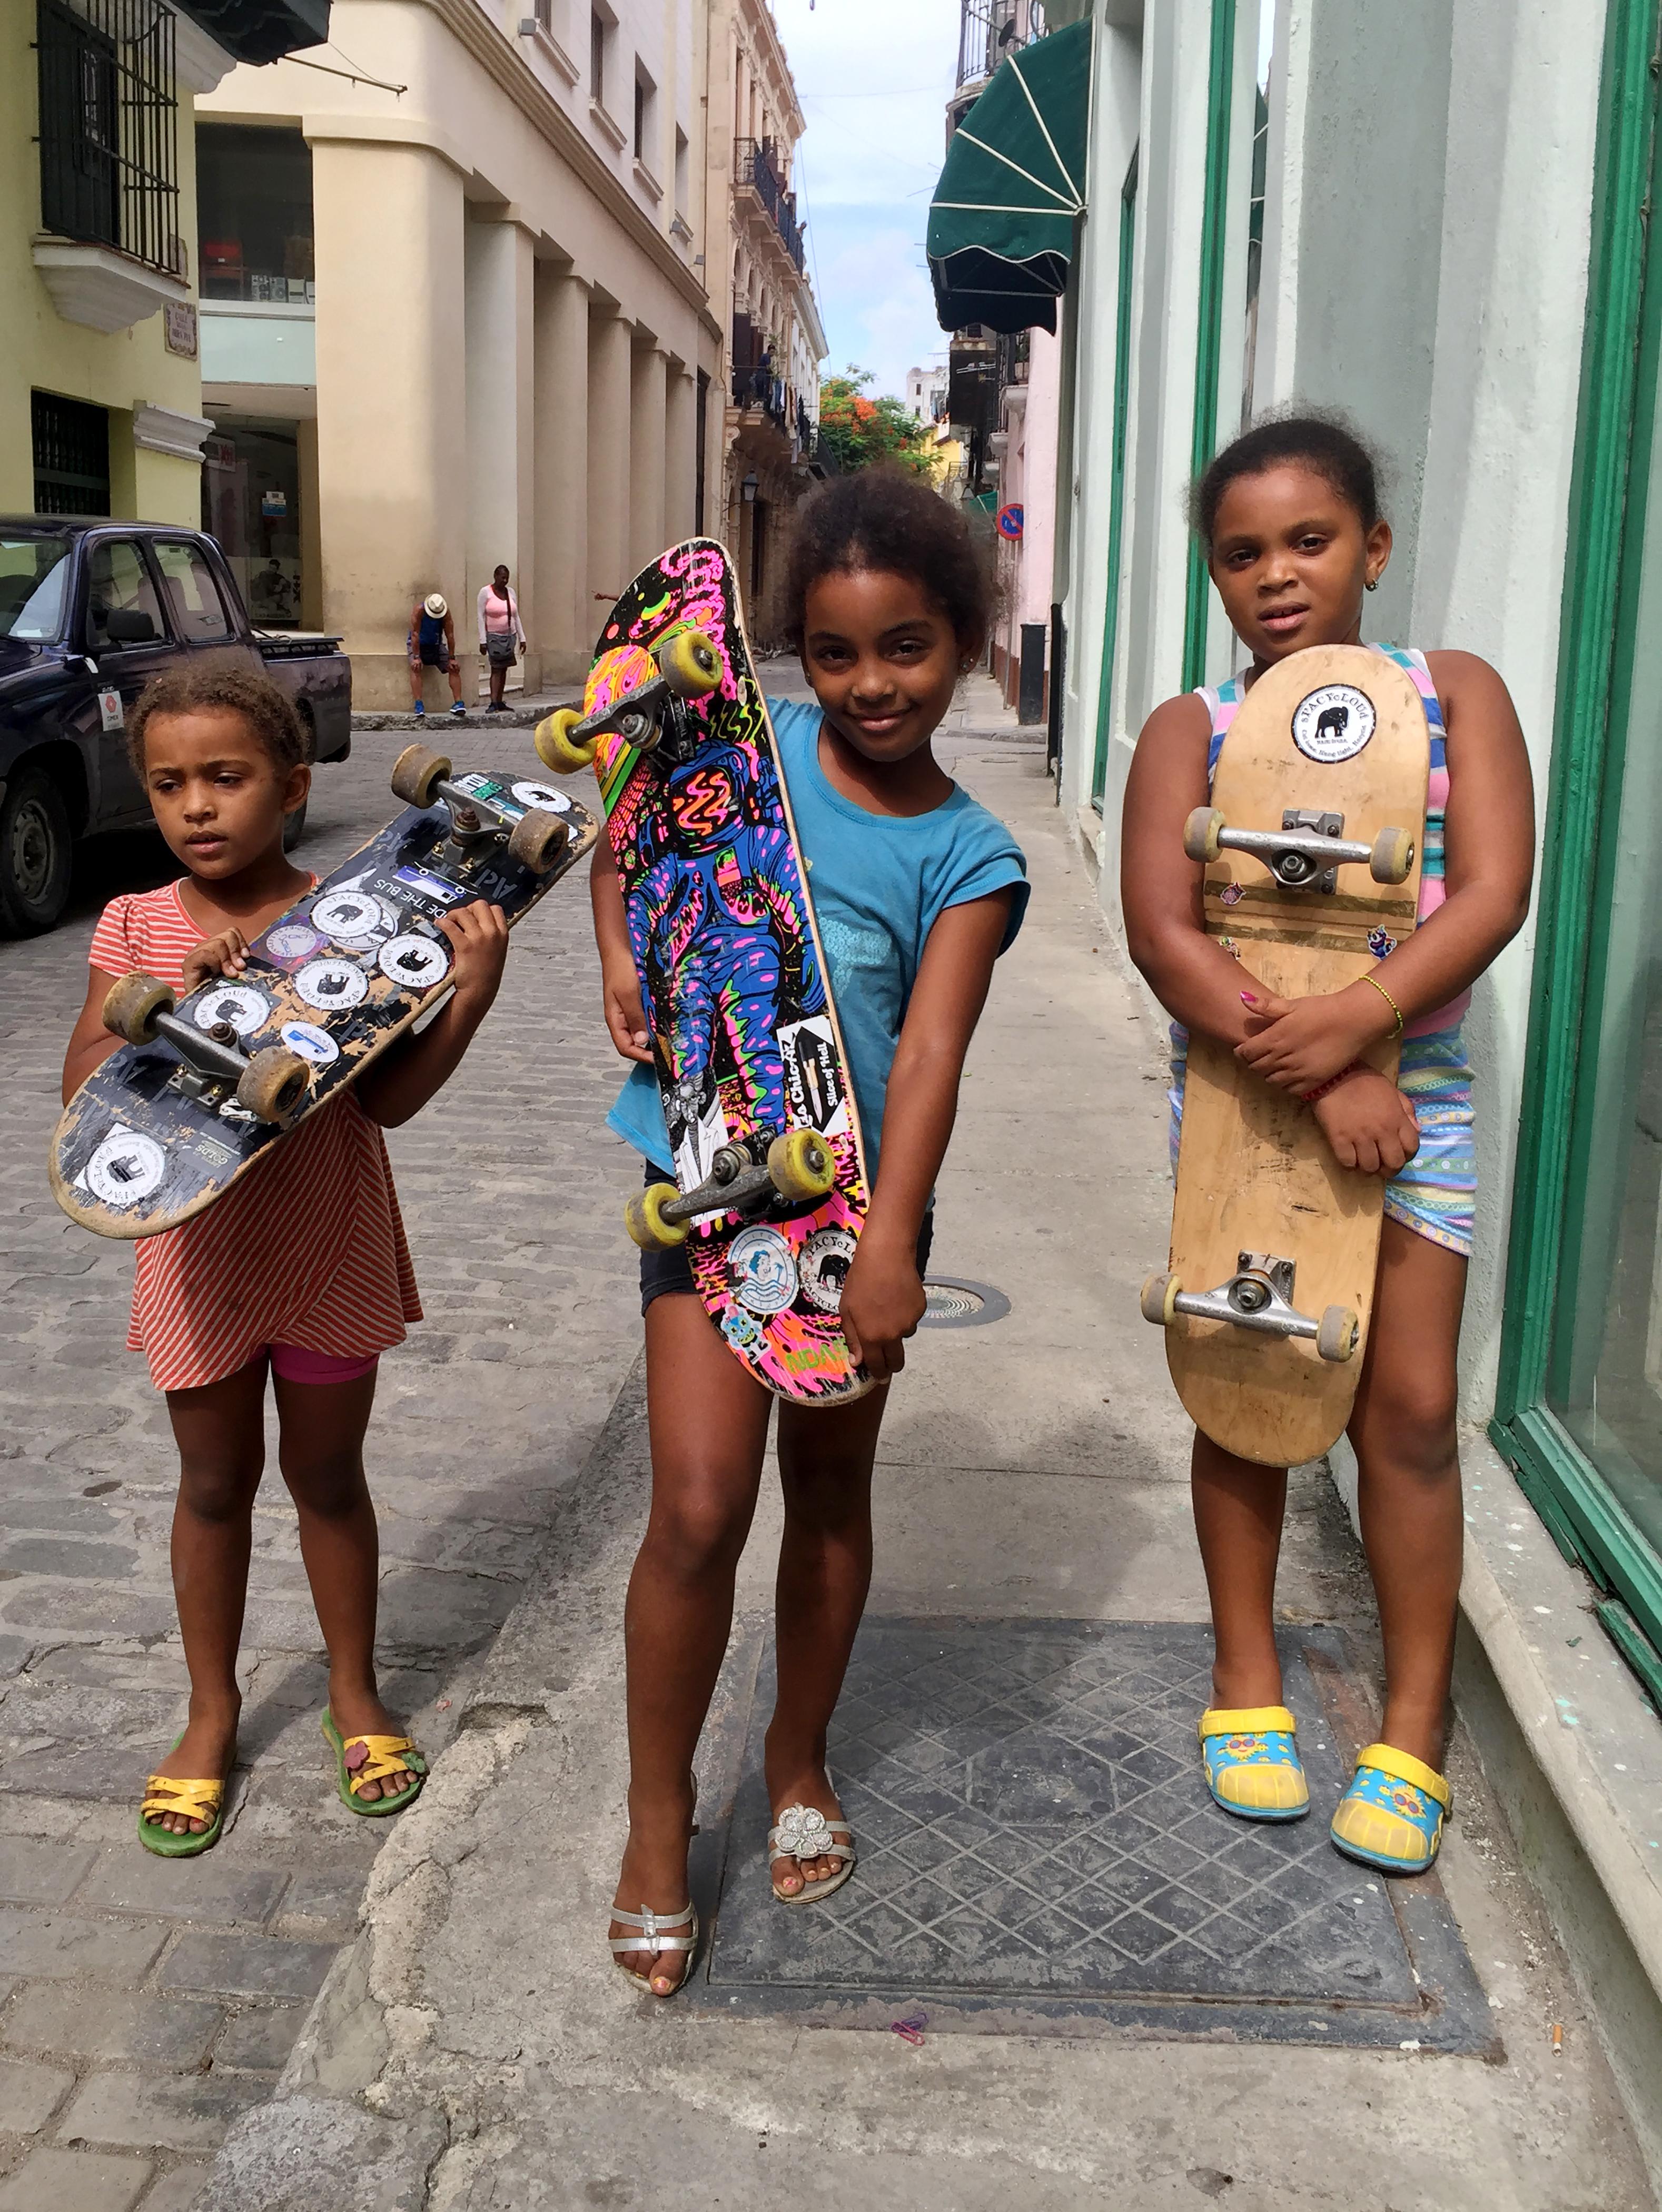 Images cuban teen girls